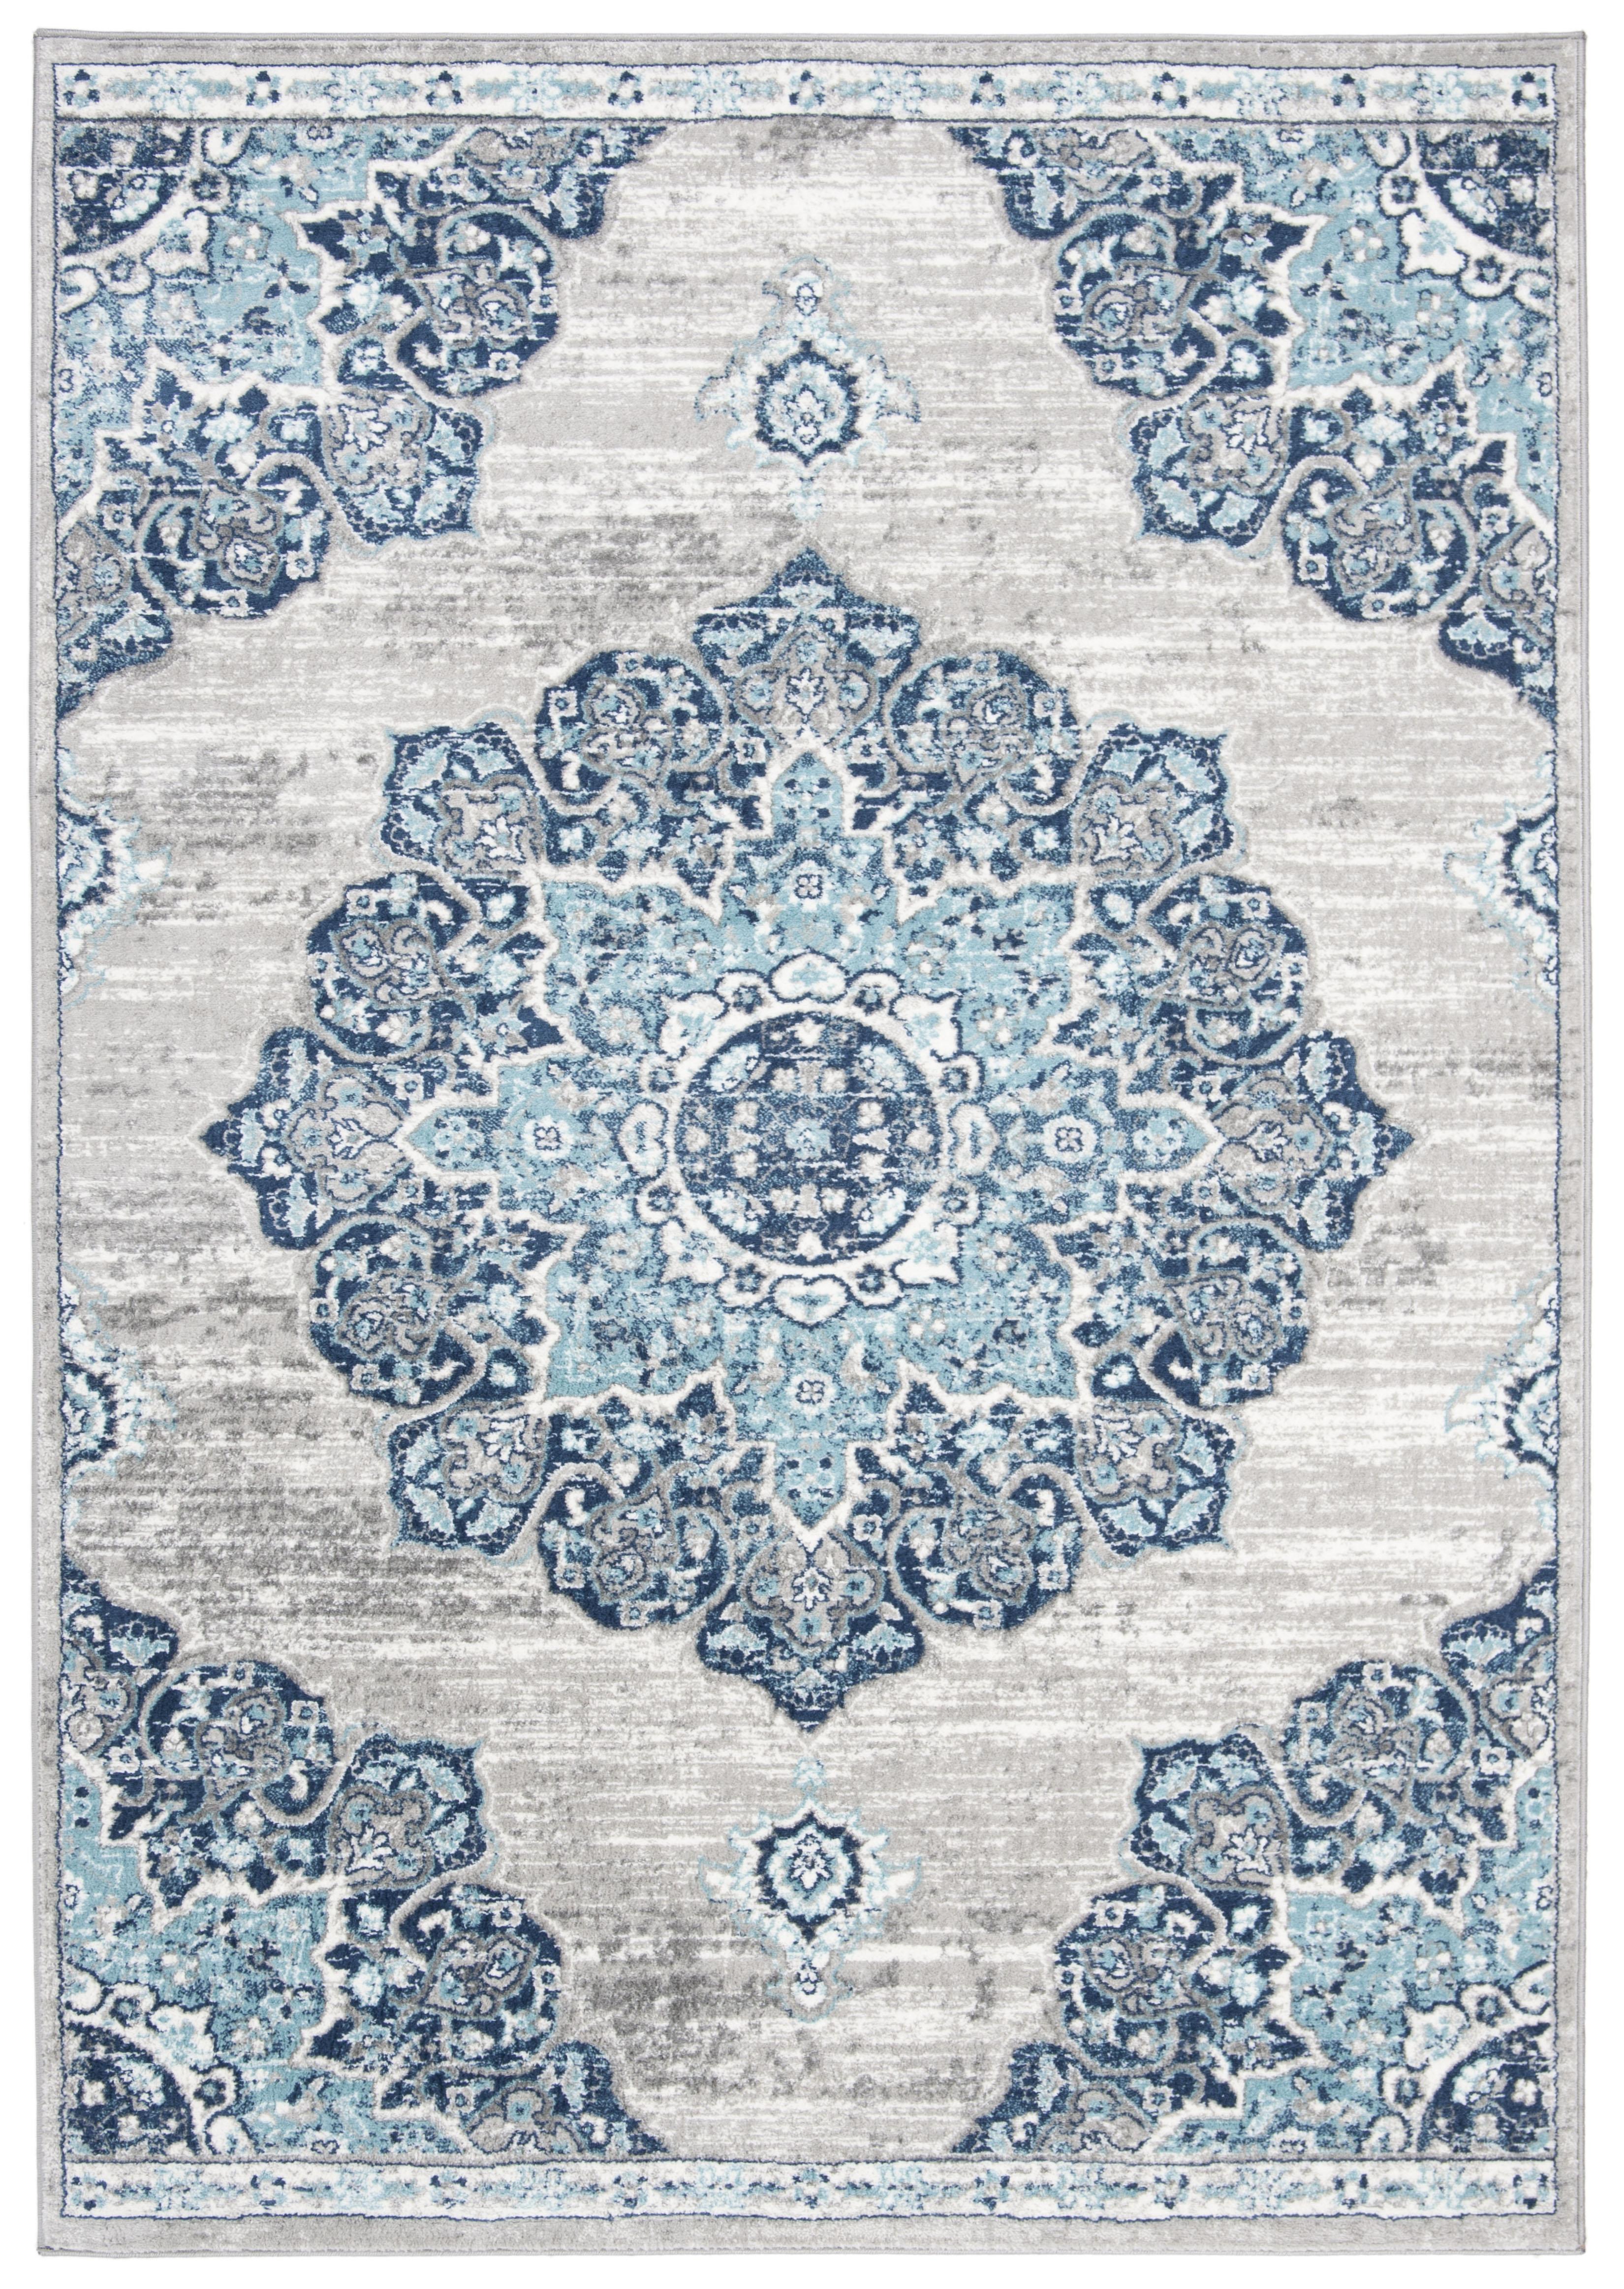 Tapis de salon classique bleu marine et gris 160x230